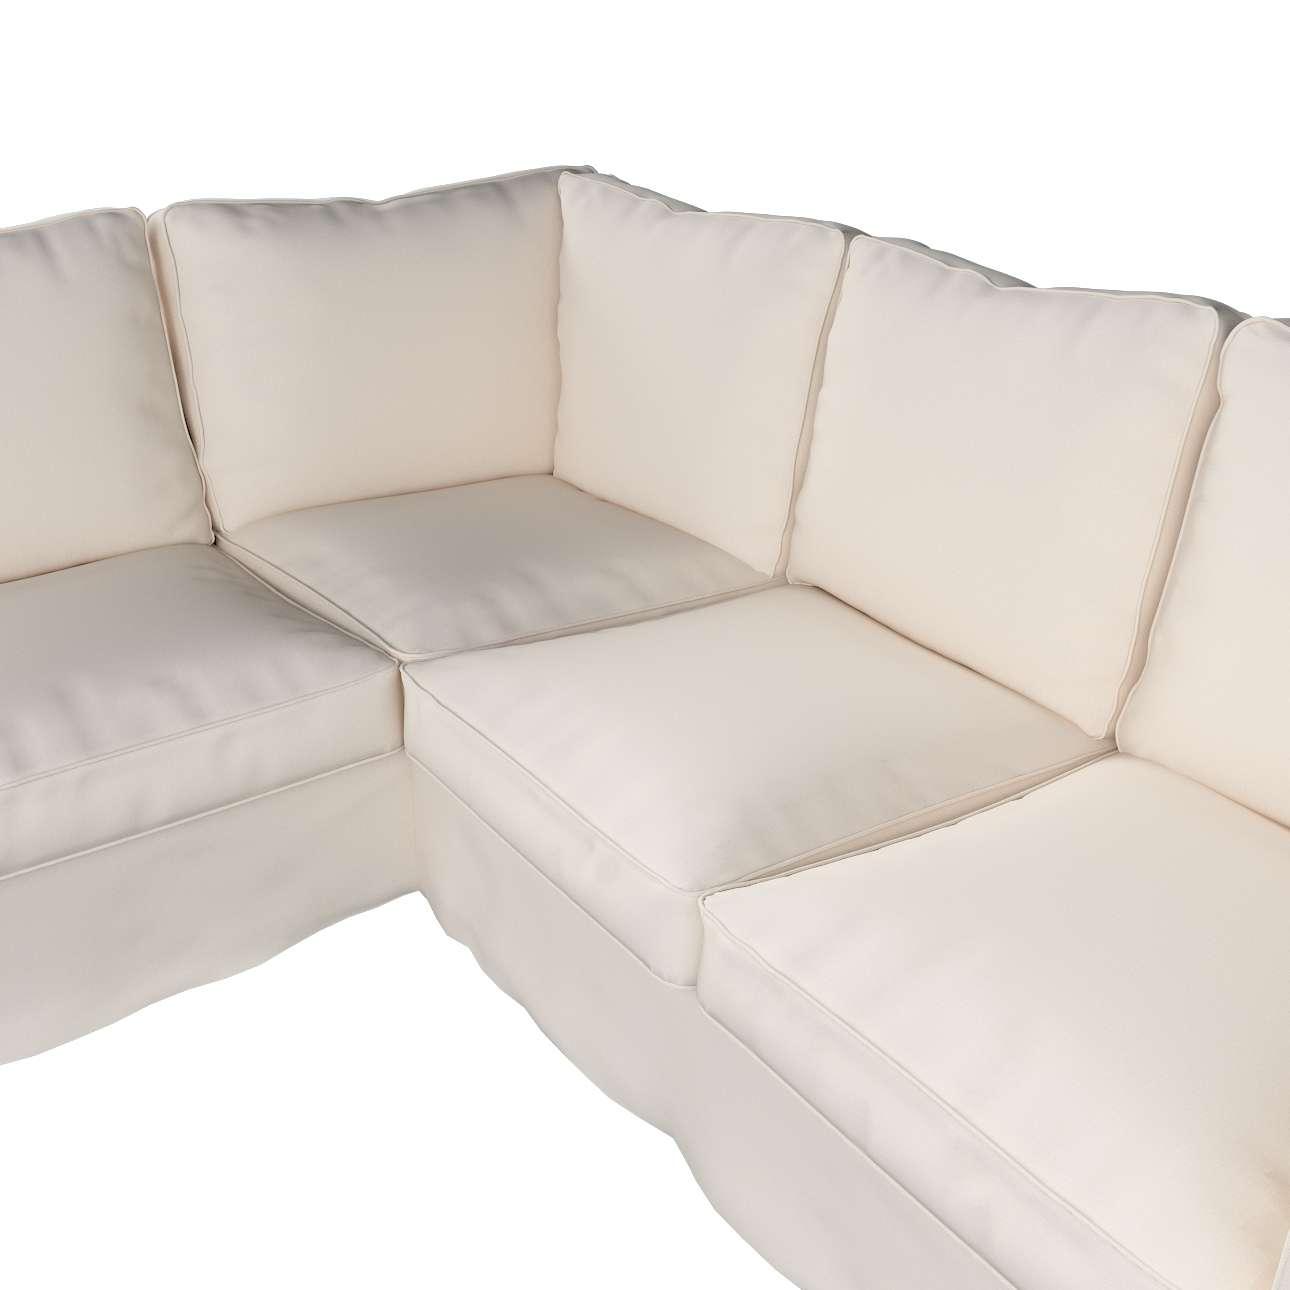 Pokrowiec Ektorp na sofę narożną w kolekcji Etna, tkanina: 705-01